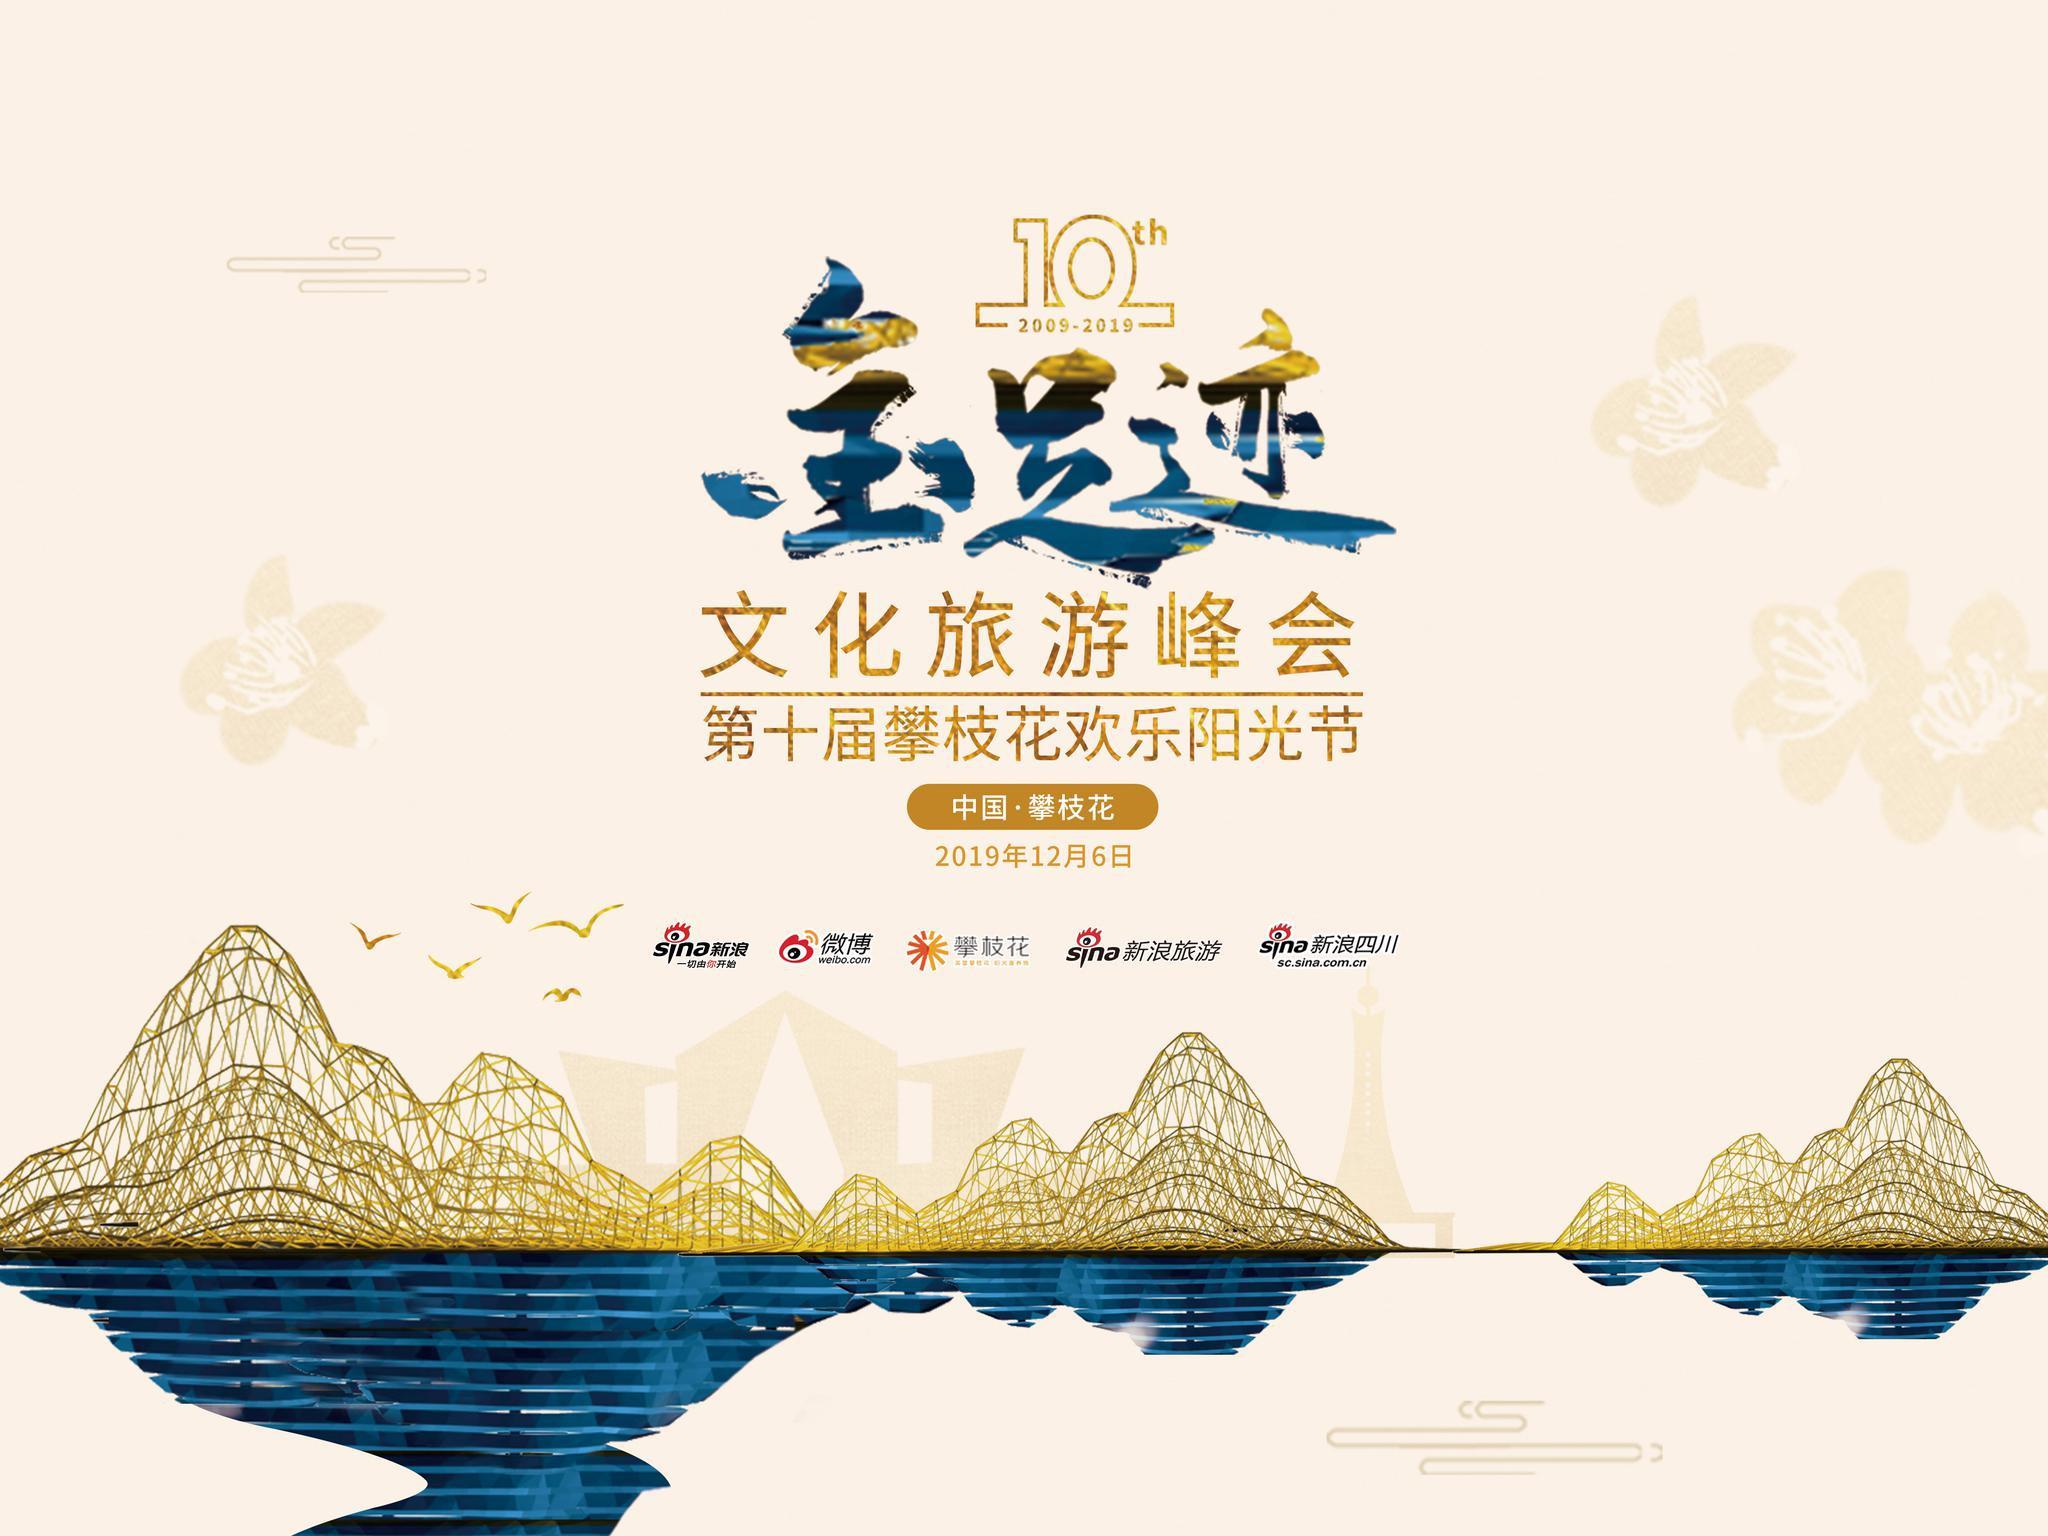 第十届金足迹文化旅游峰会